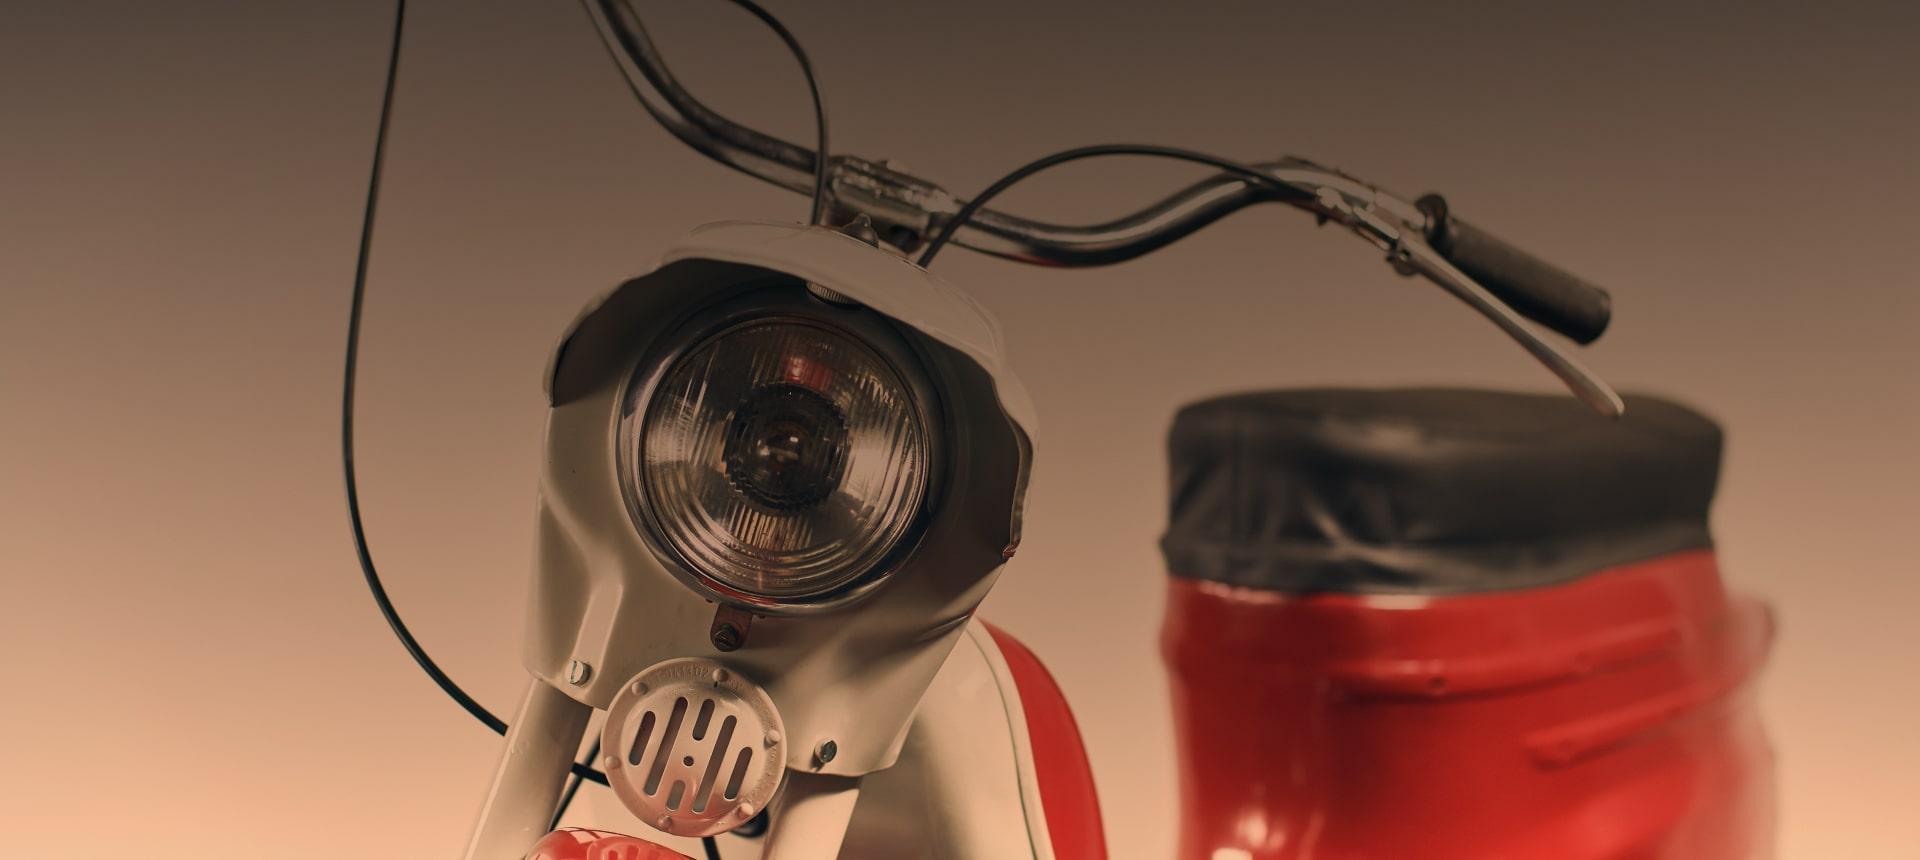 Renovujeme — istarší motorka může zase vypadat ajezdit skvěle